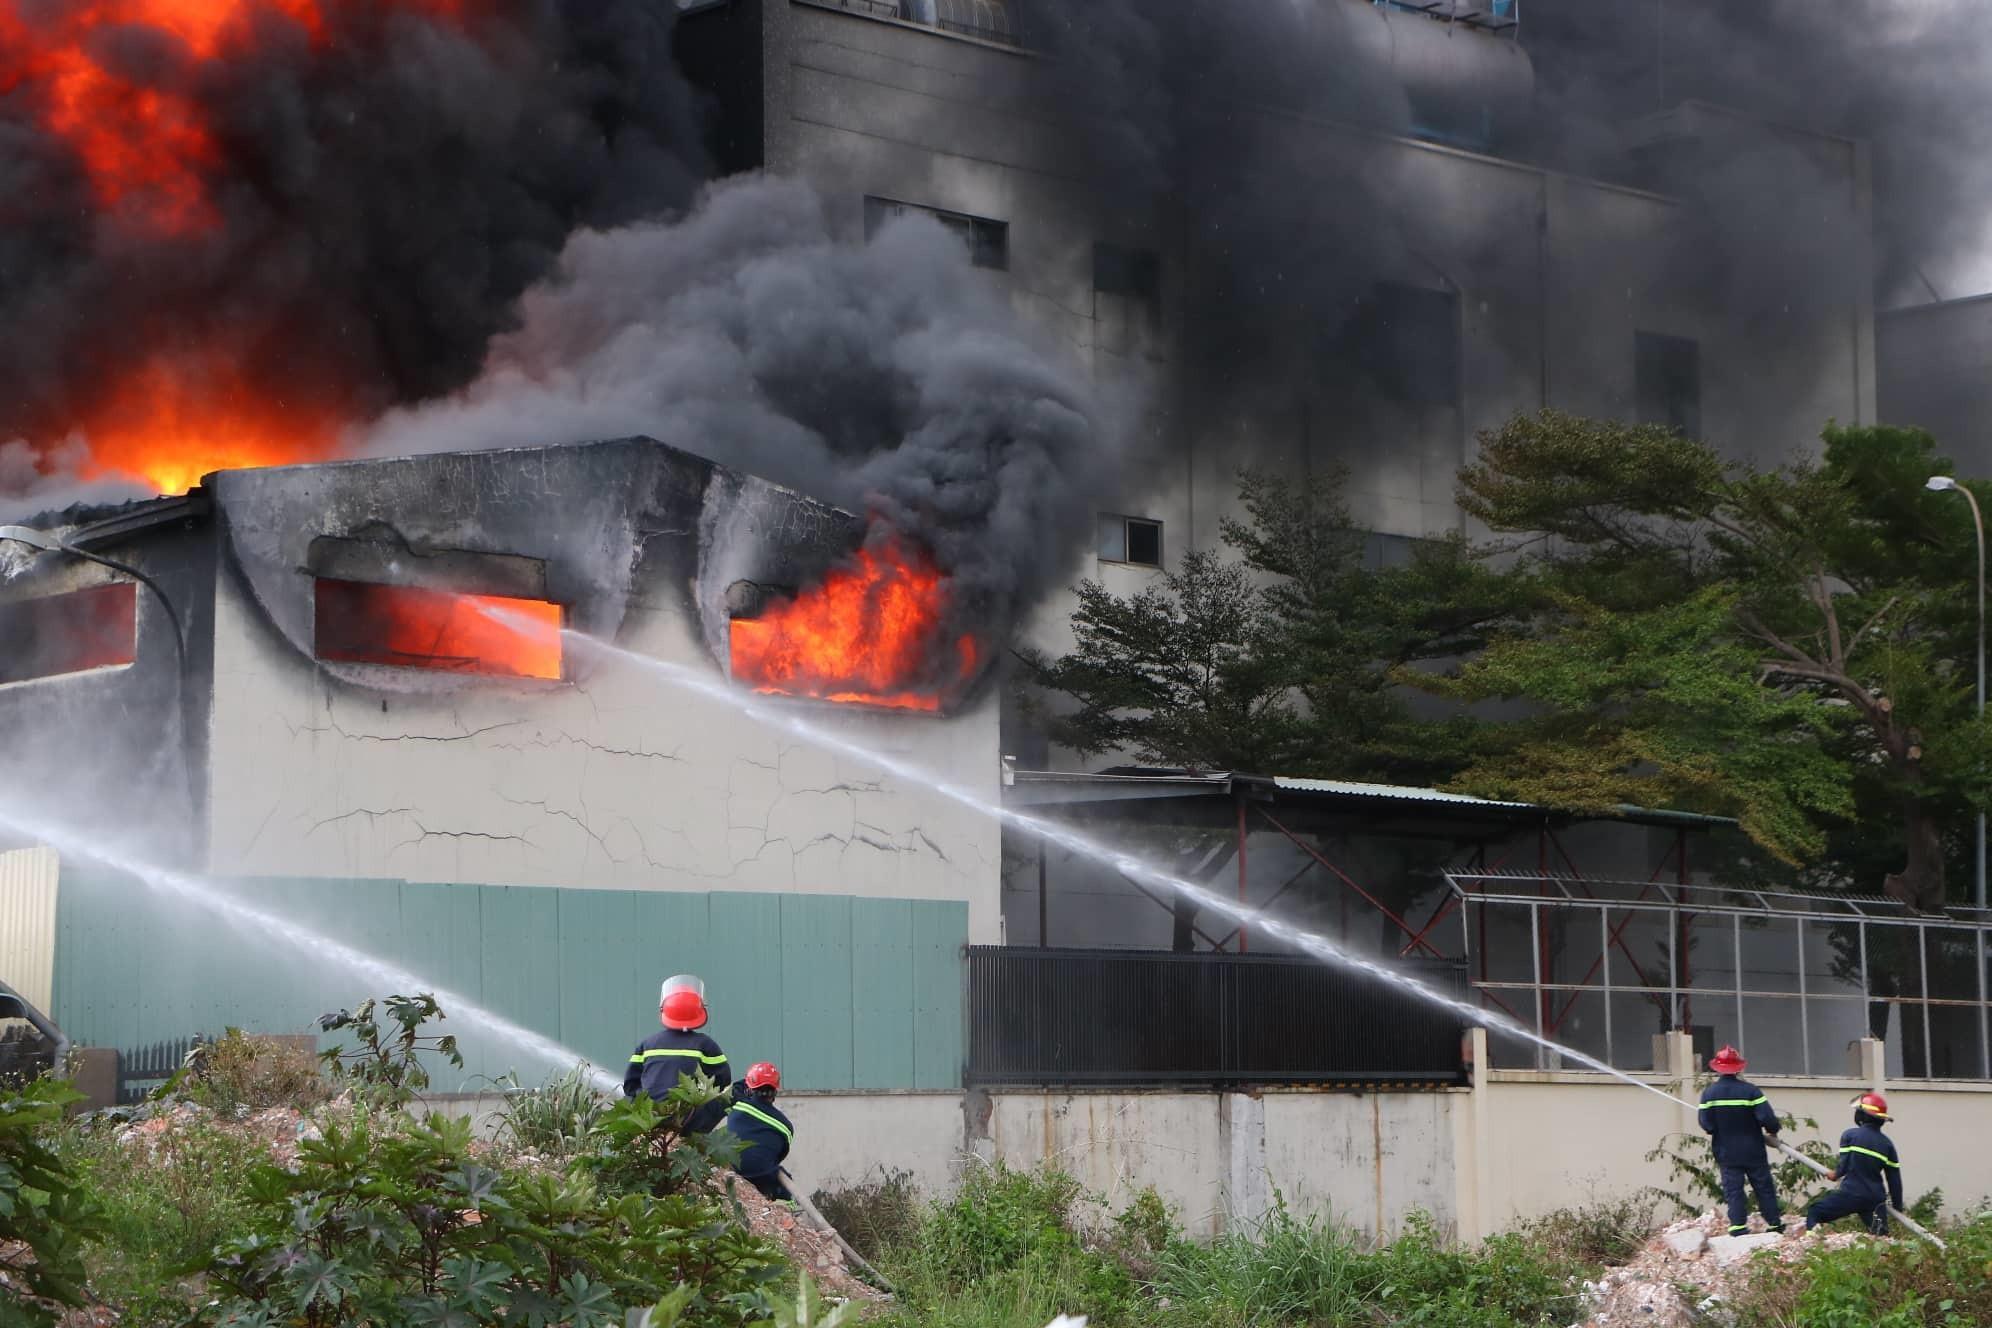 Bình Dương: Công ty băng keo rộng hàng ngàn mét vuông cháy khủng khiếp, công nhân tháo chạy thục mạng - Ảnh 2.